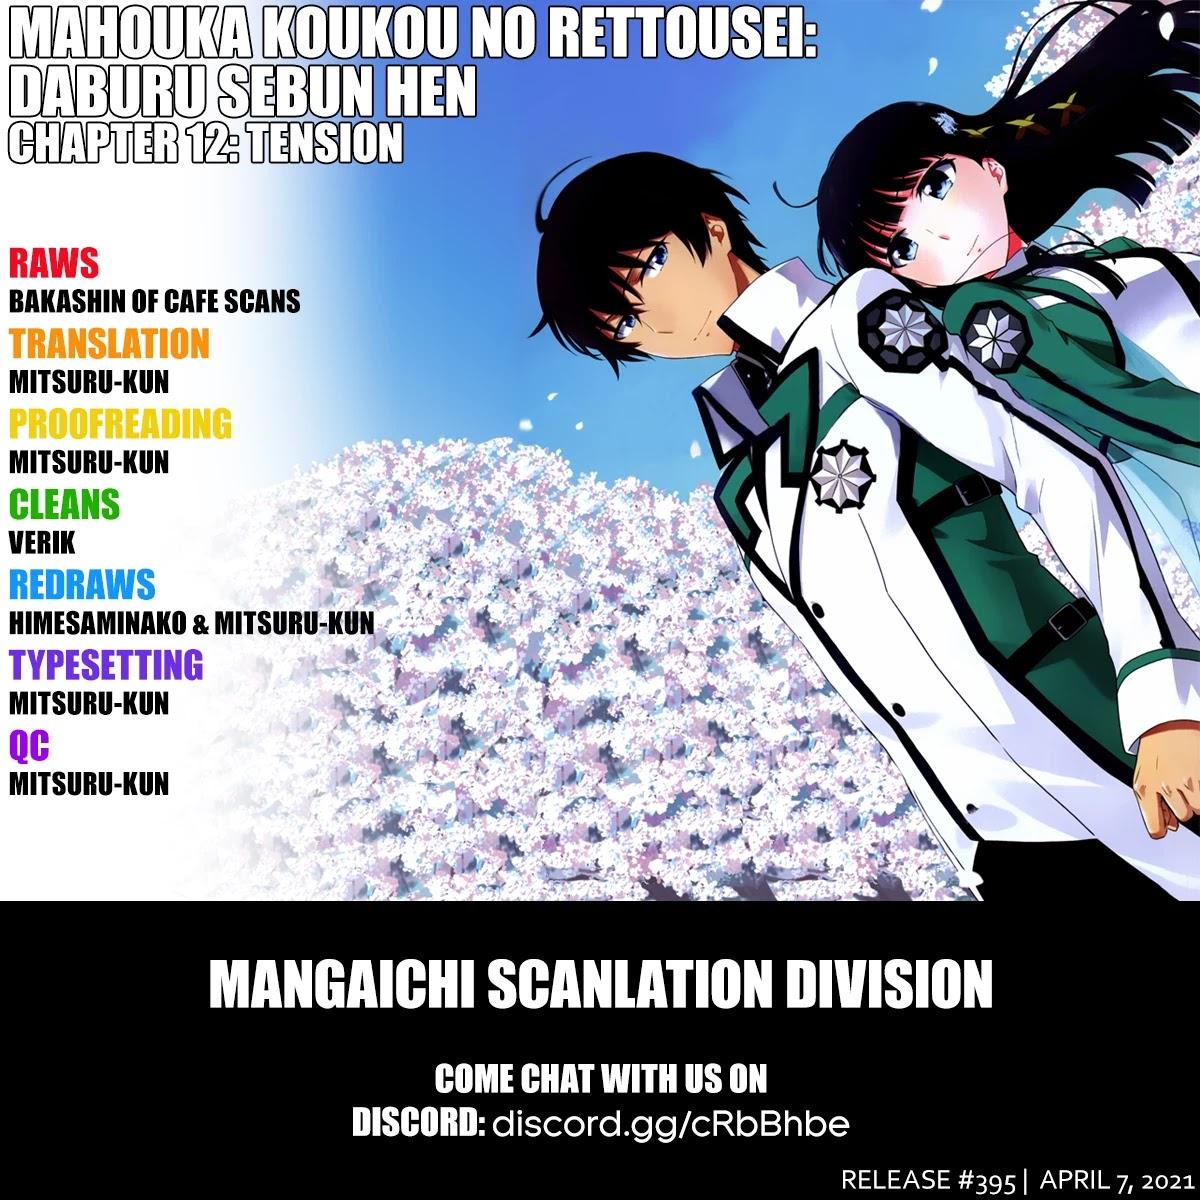 https://manga.mangadogs.com/comics/pic4/48/19312/3271409/52d08485cae5bcbcac0d3fbb2bee2703.jpg Page 1